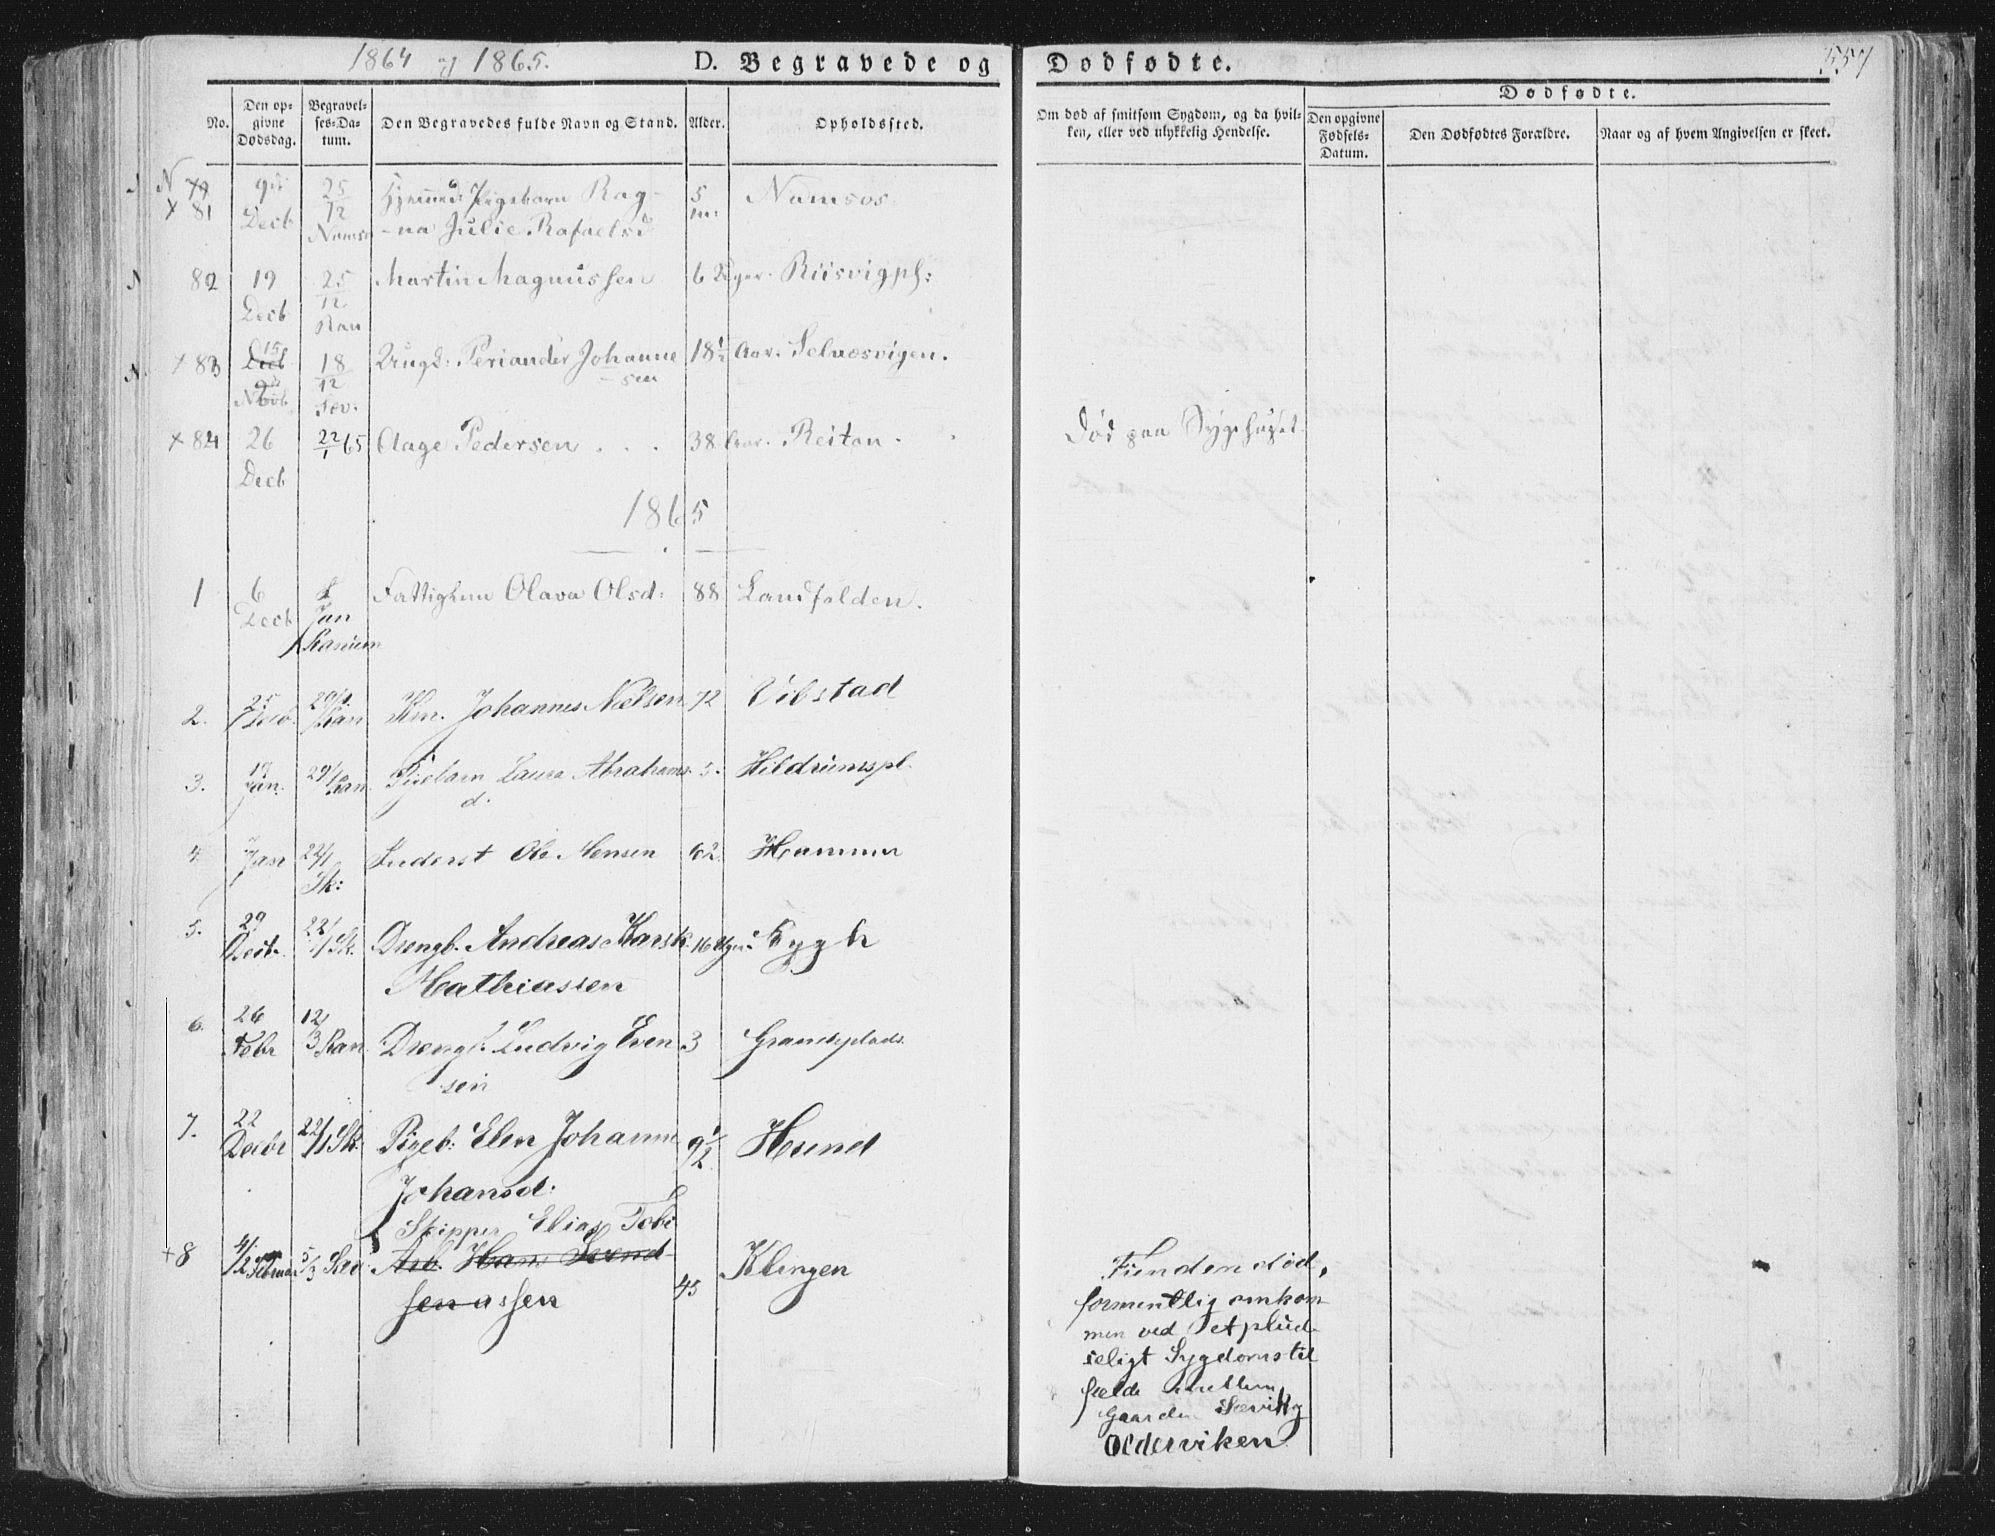 SAT, Ministerialprotokoller, klokkerbøker og fødselsregistre - Nord-Trøndelag, 764/L0552: Ministerialbok nr. 764A07b, 1824-1865, s. 557